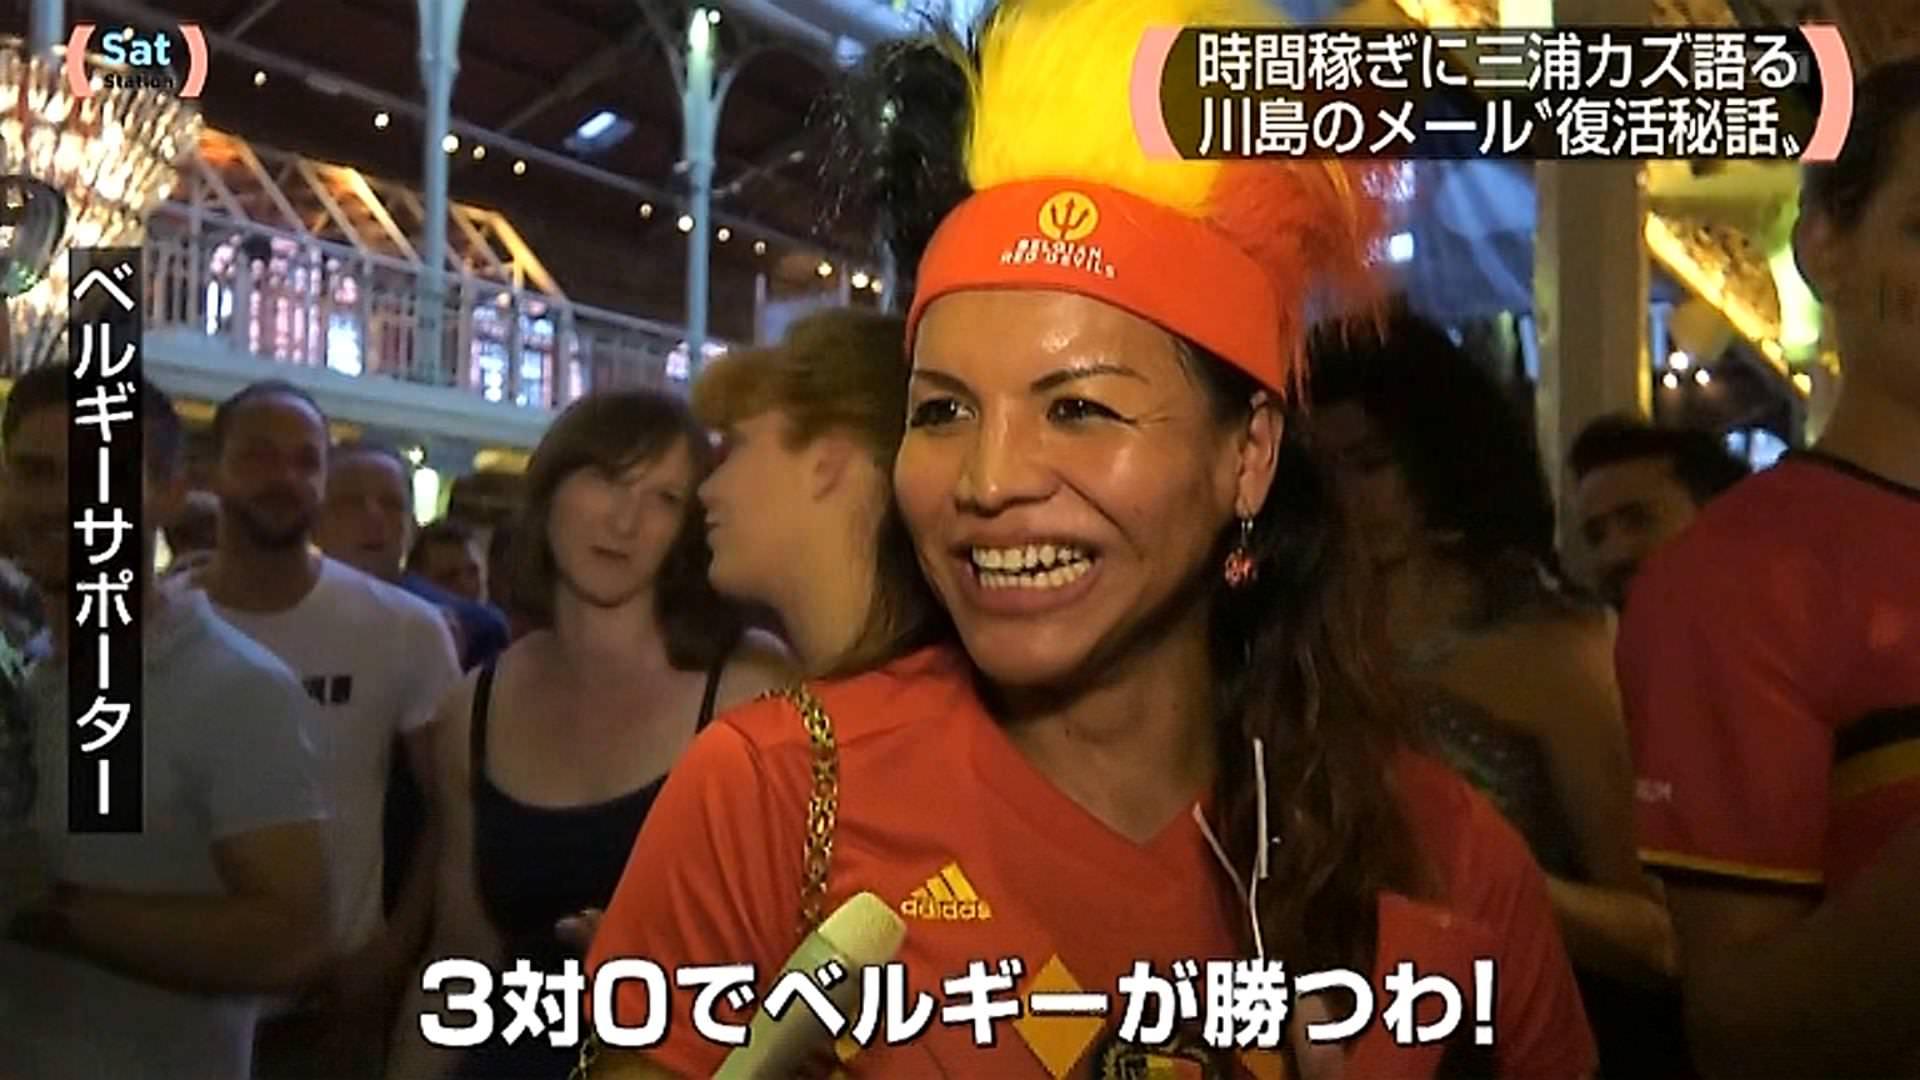 【画像】サッカー日本代表、ベルギーサポーターにめちゃくちゃ煽られる